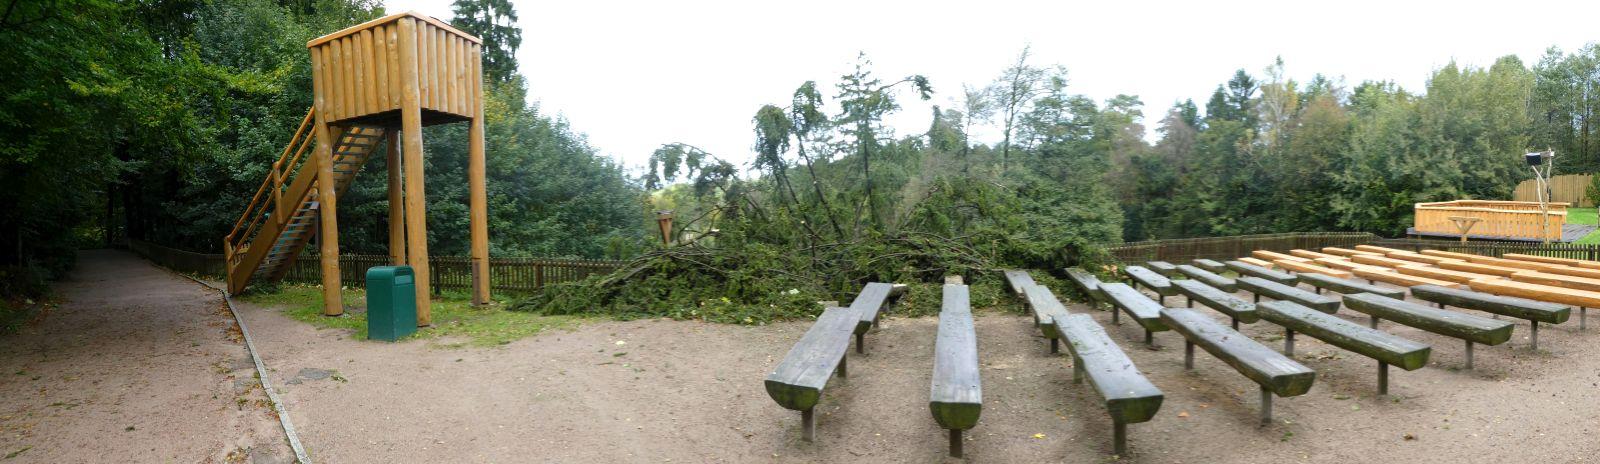 Sturmschaden  (1)